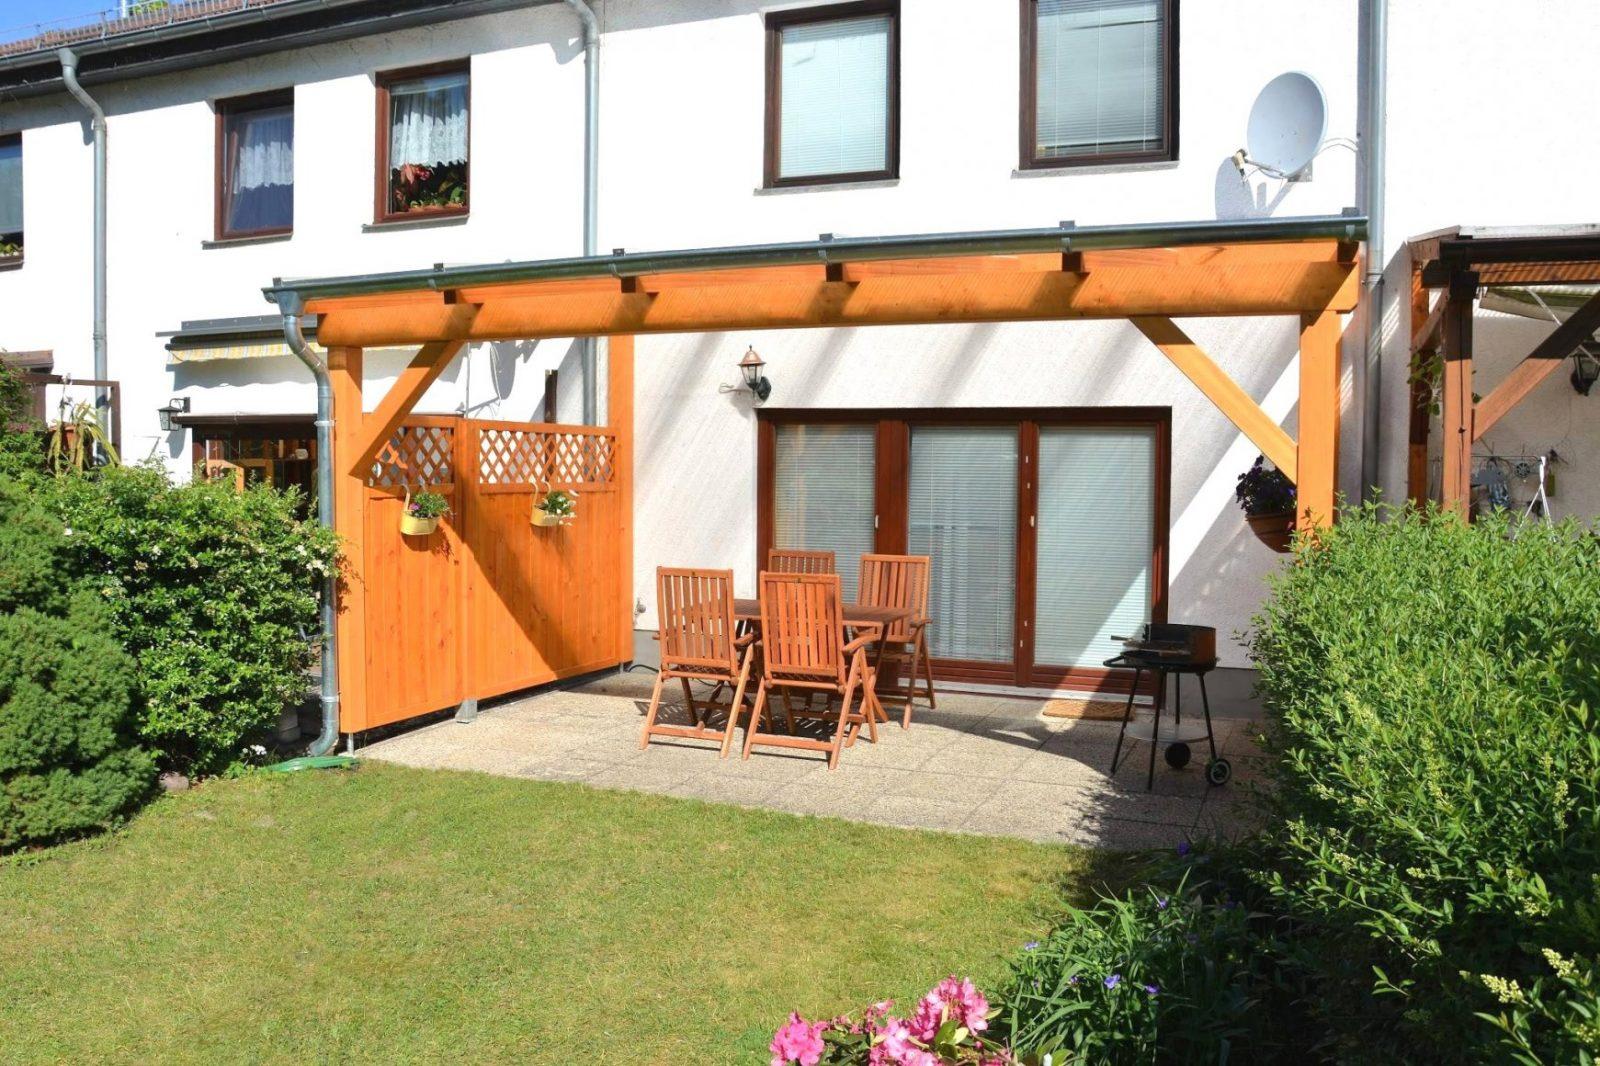 30 Neueste Balkonüberdachung Selber Bauen Schema Garten Design Ideen von Terrassenüberdachung Aluminium Selber Bauen Photo